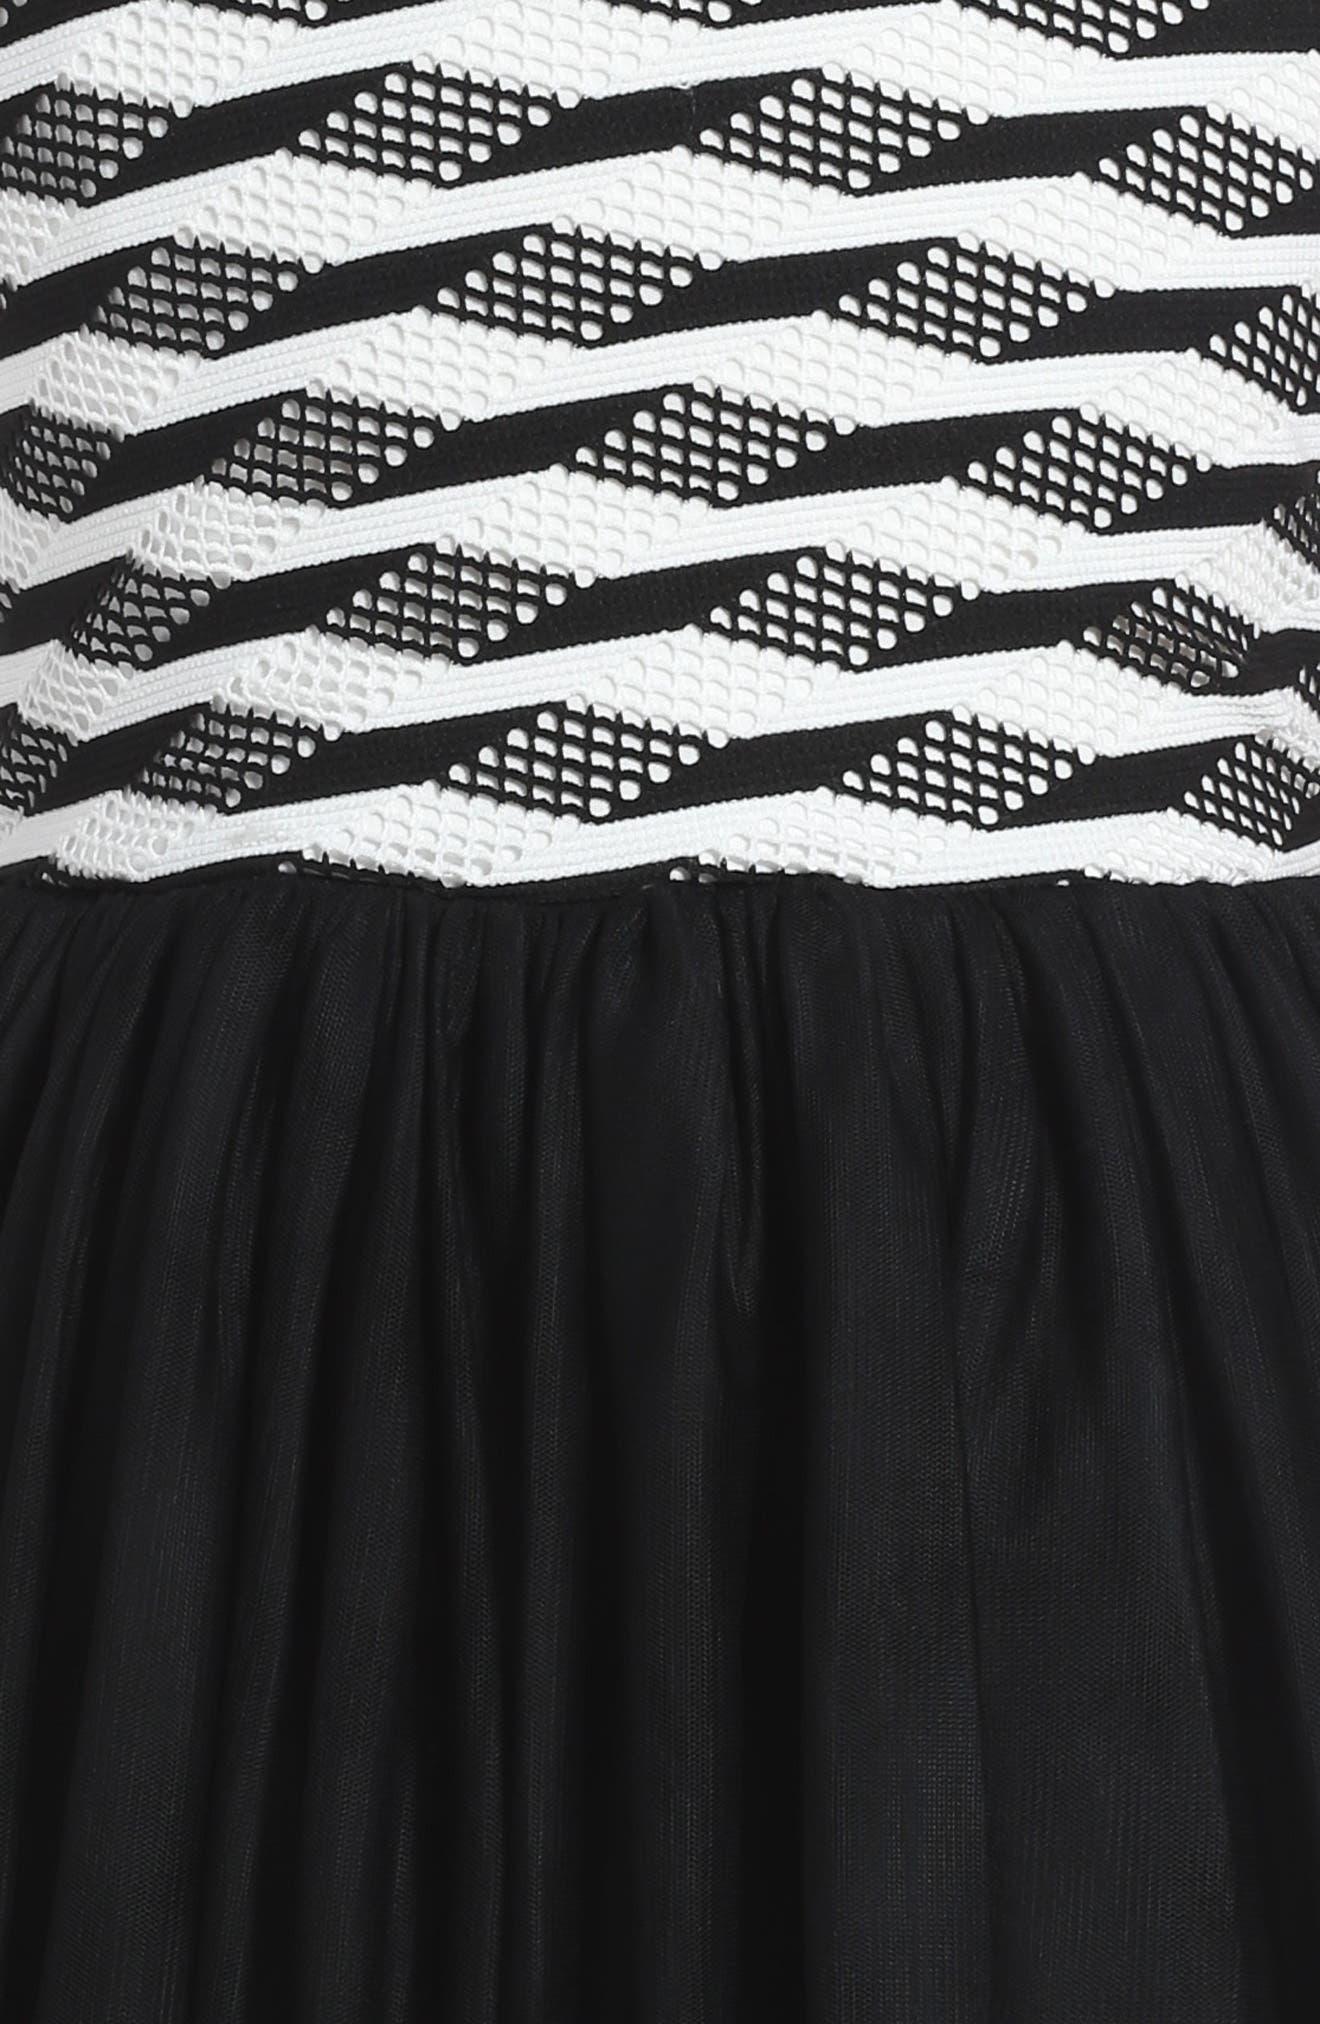 Stripe Tutu Dress,                             Alternate thumbnail 3, color,                             005